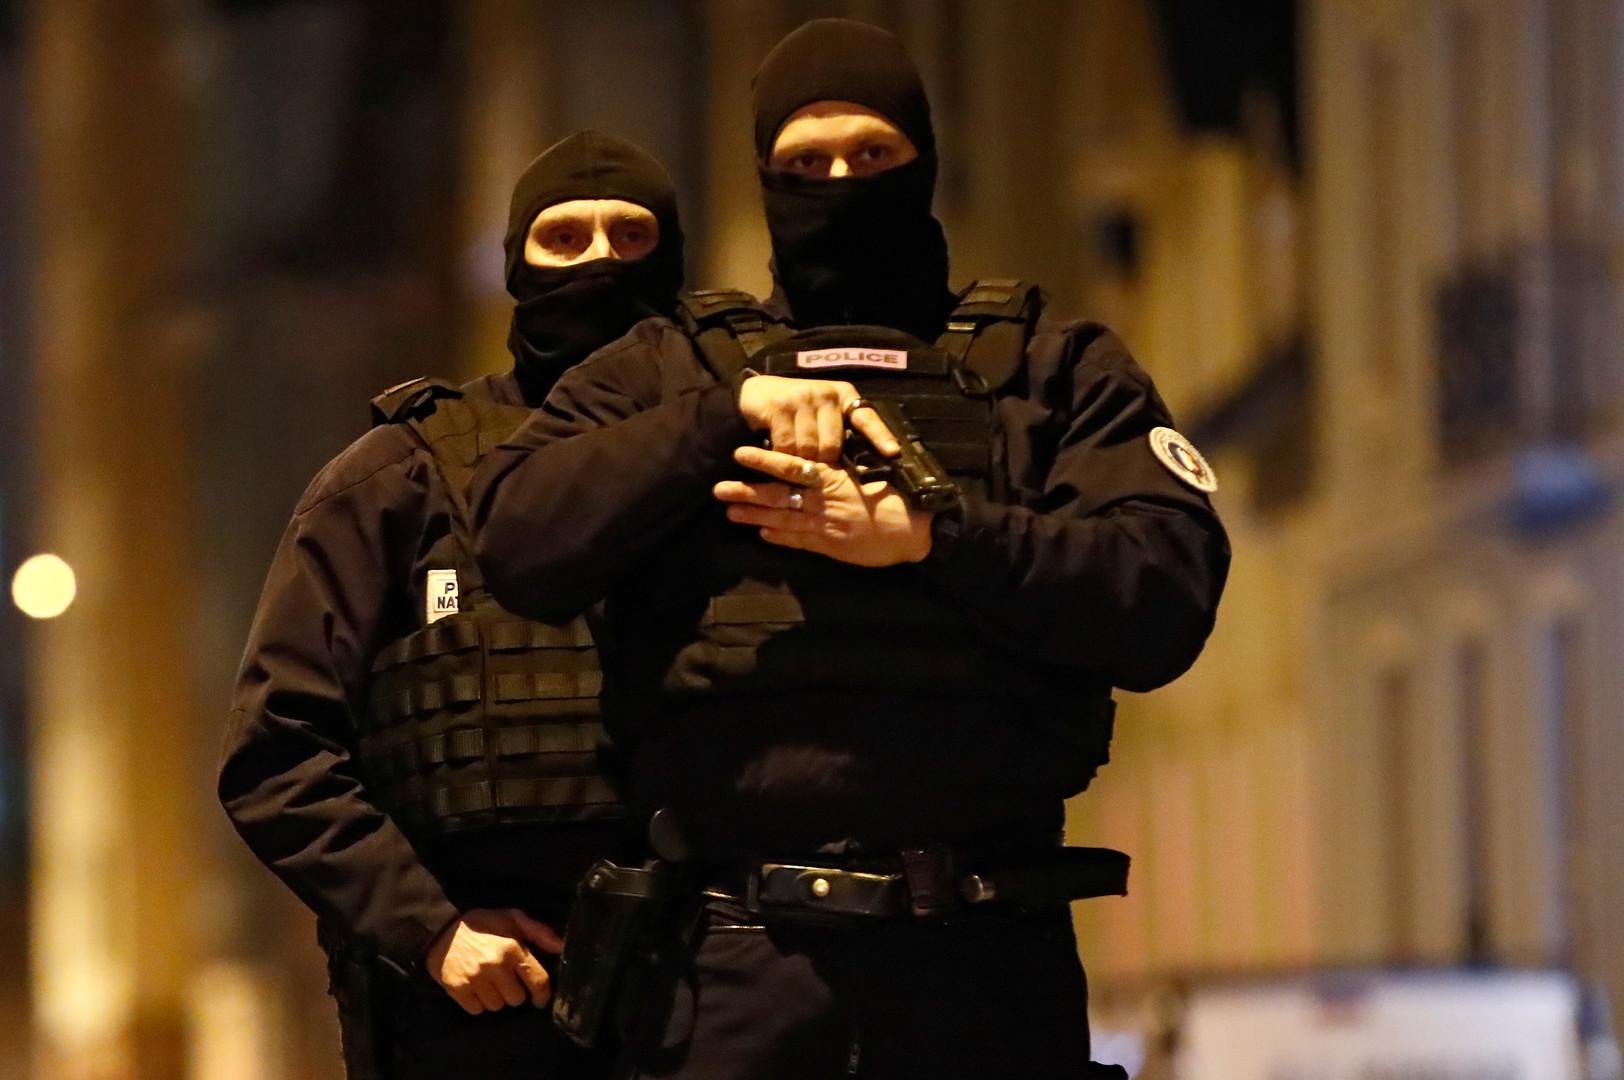 الشرطة الفرنسية تقبض على لاجئ سياسي سوري متهم في قضية اغتصاب فتاة وقتلها